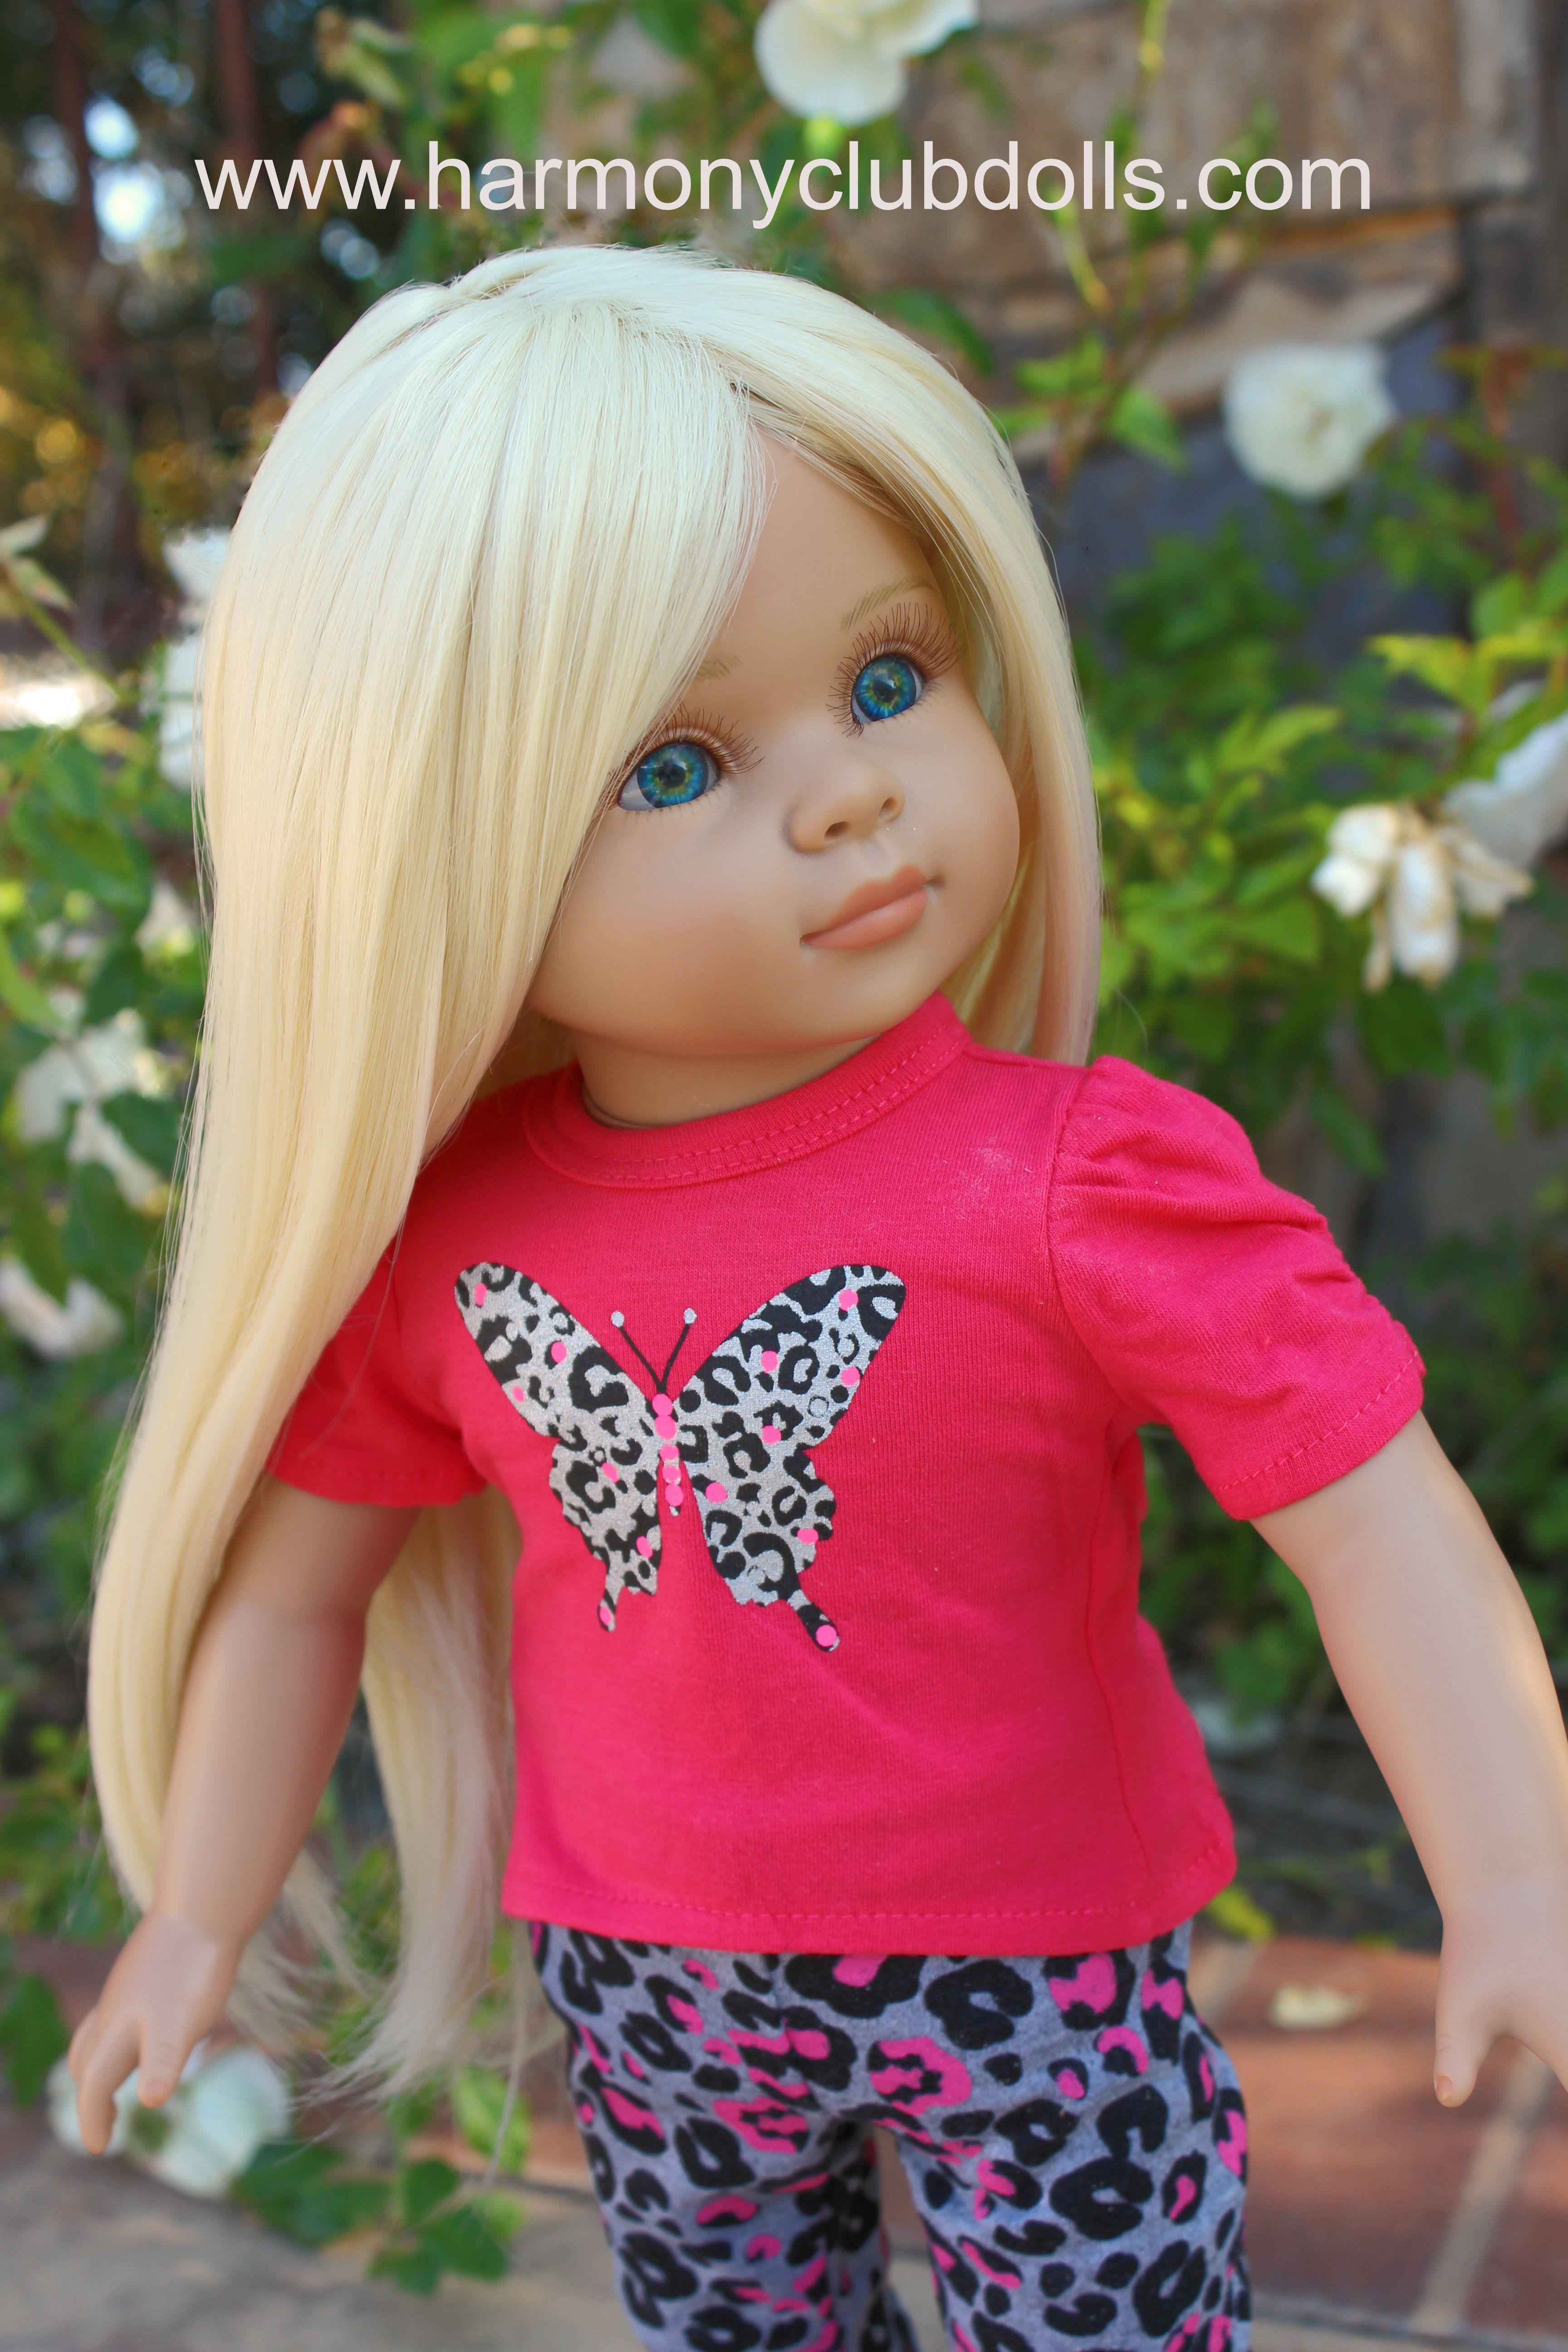 """HARMONY CLUB DOLLS 18"""" Dolls and 18"""" Doll Clothes. Fits American Girl Dolls www.harmonyclubdolls.com"""